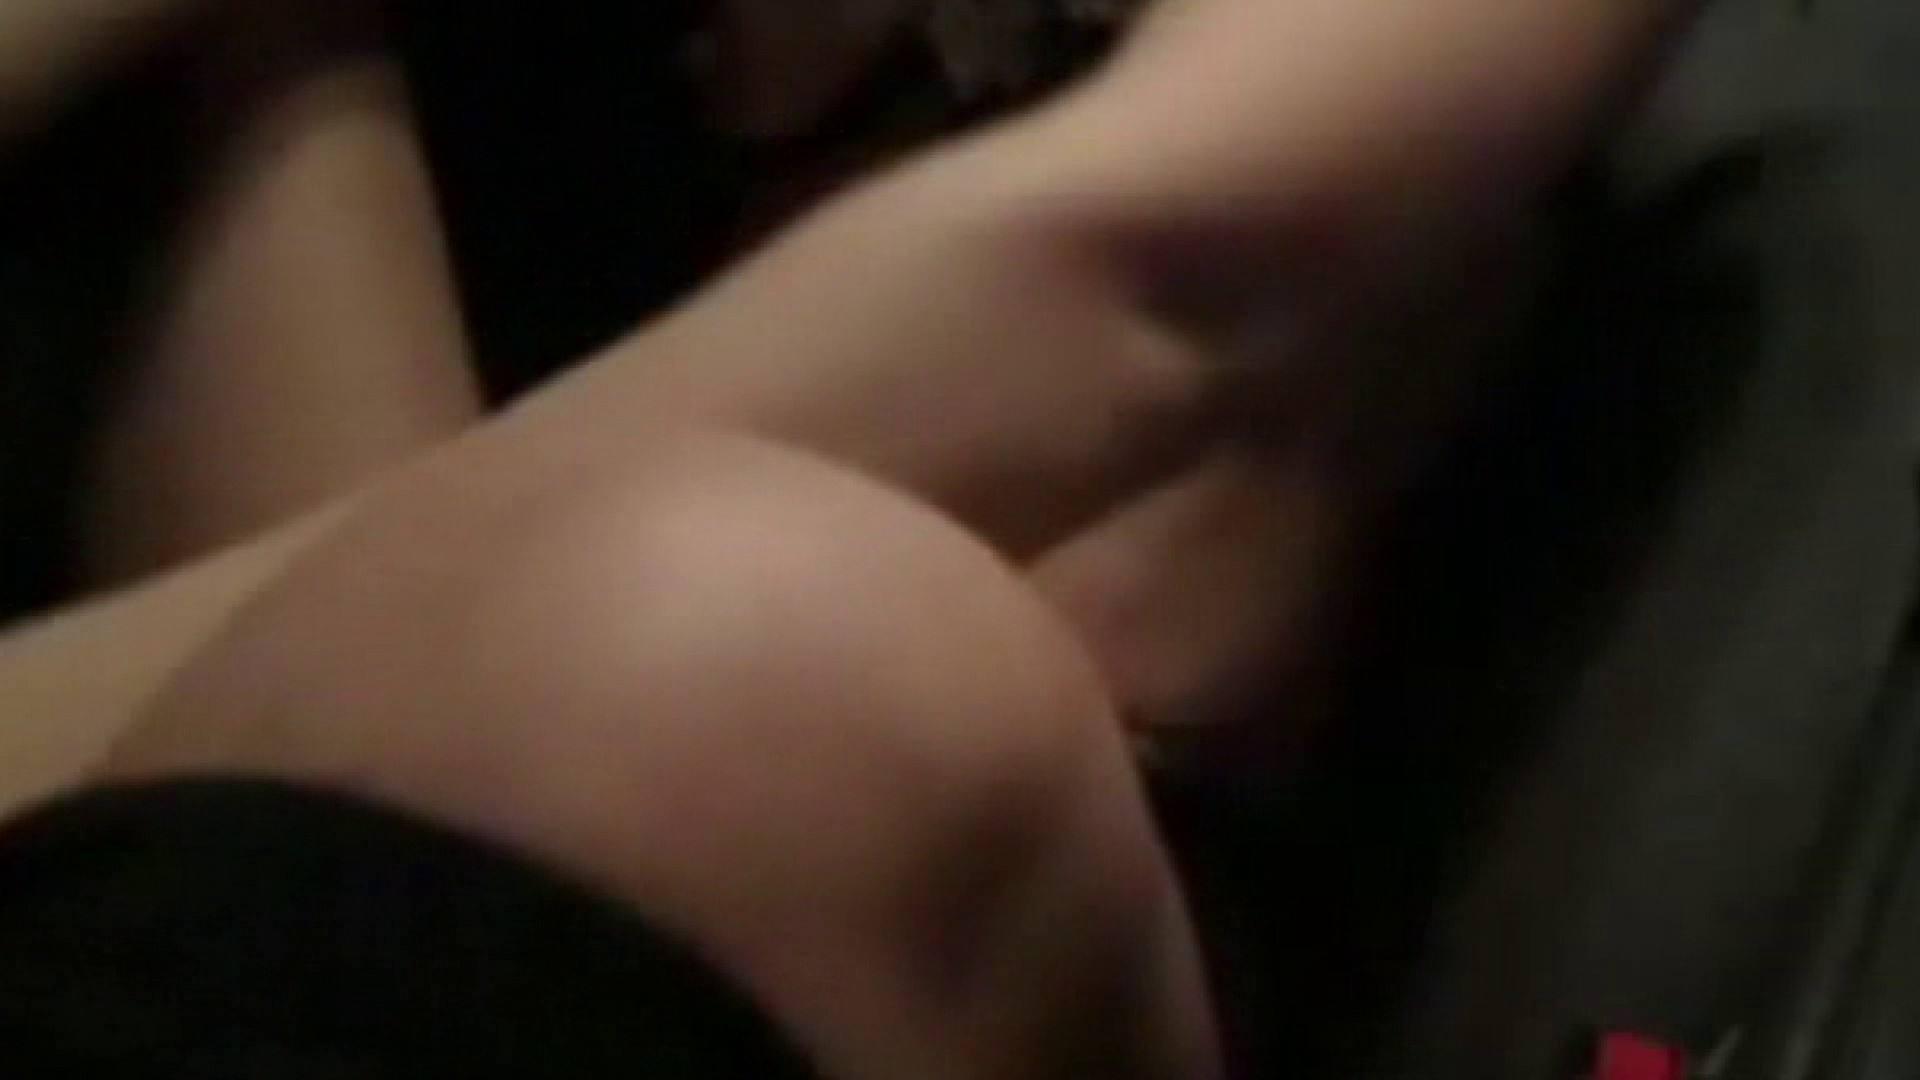 変態オナニー劇場 Vol.17 OLのプライベート  11pic 6